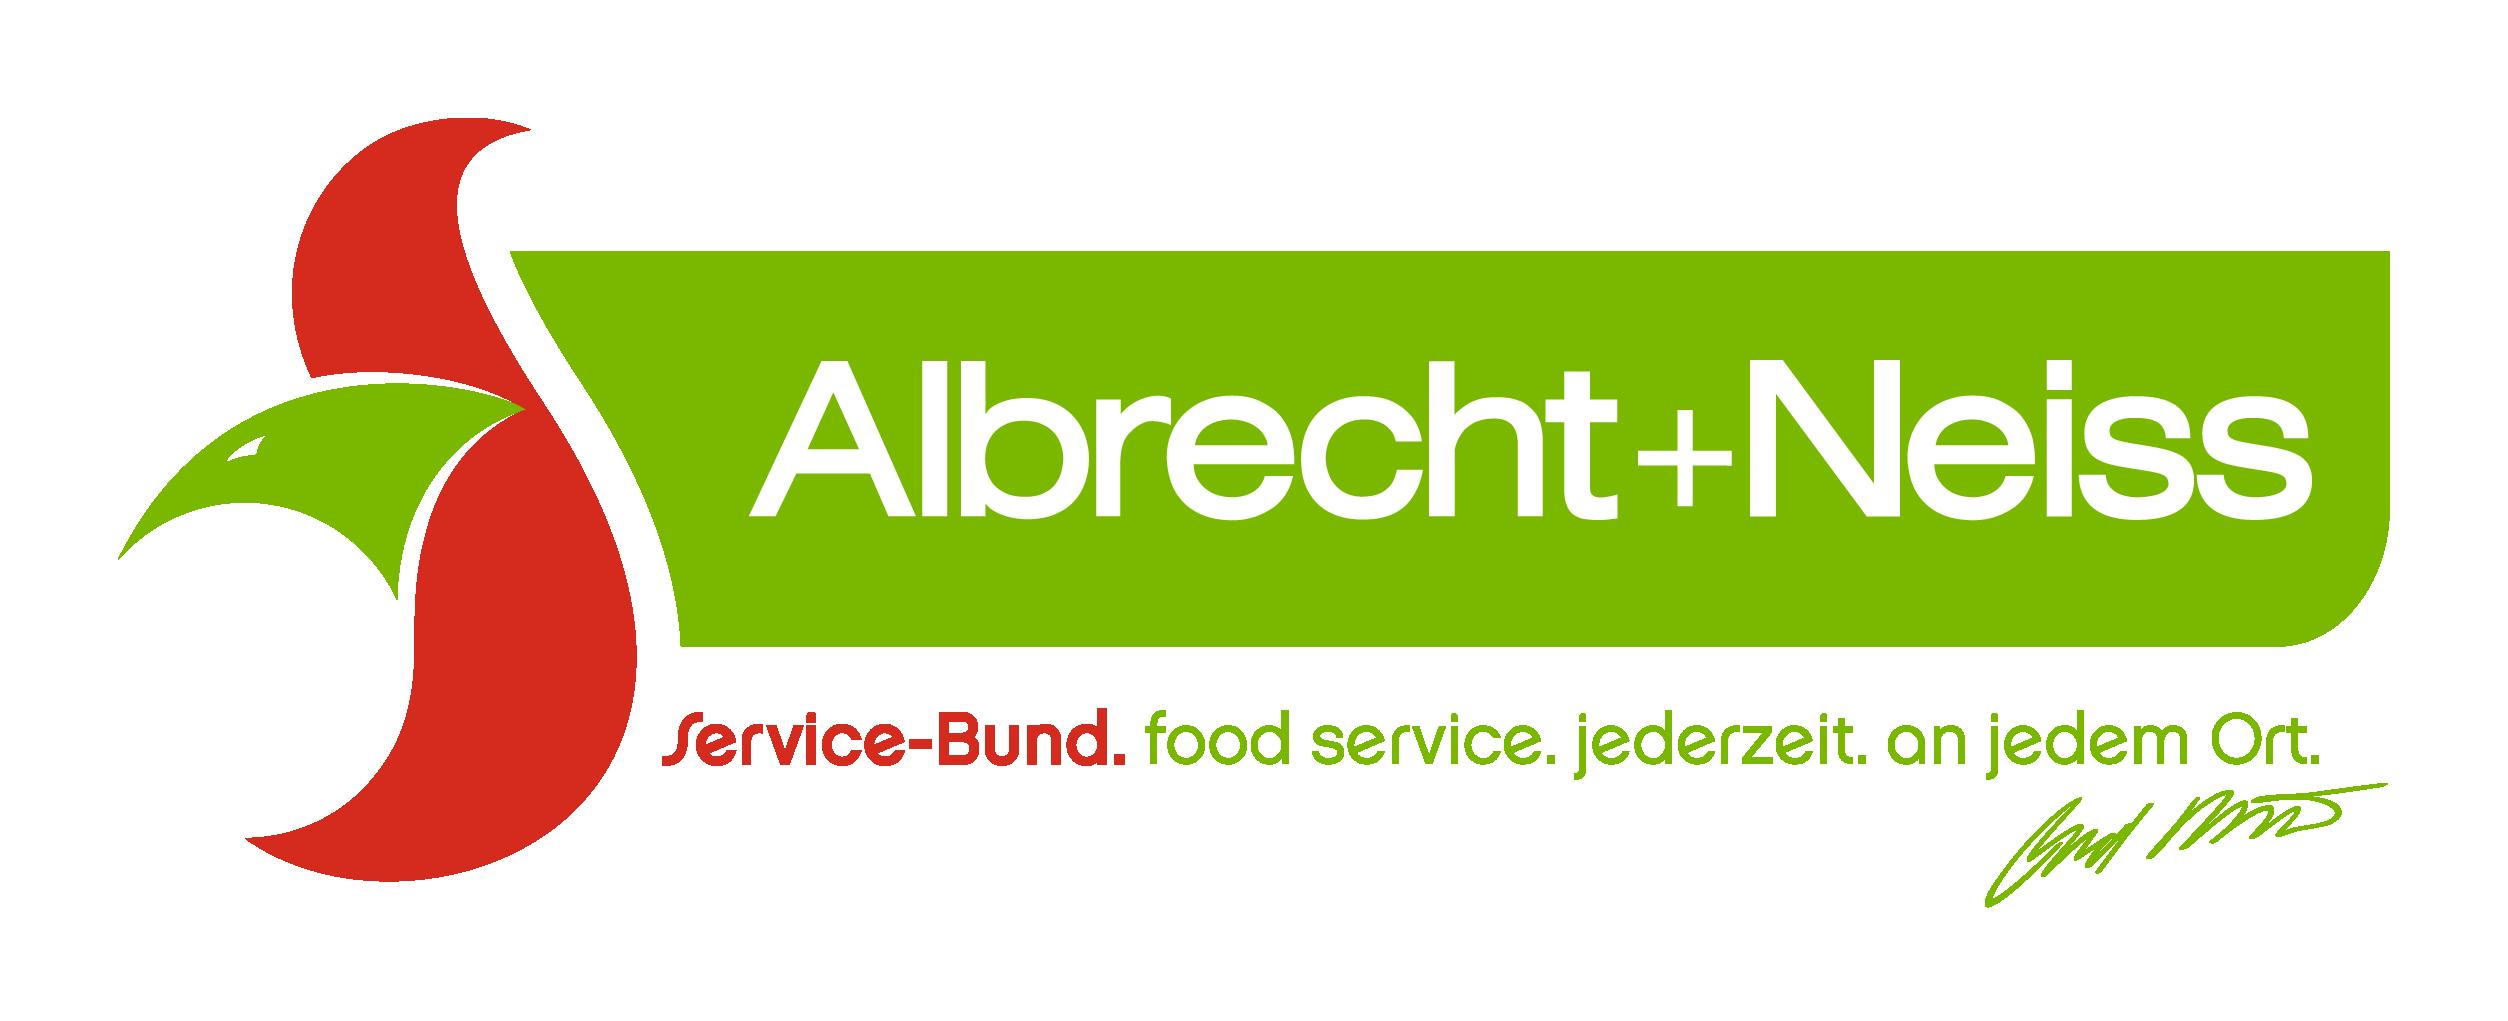 Albrecht+Neiss GmbH